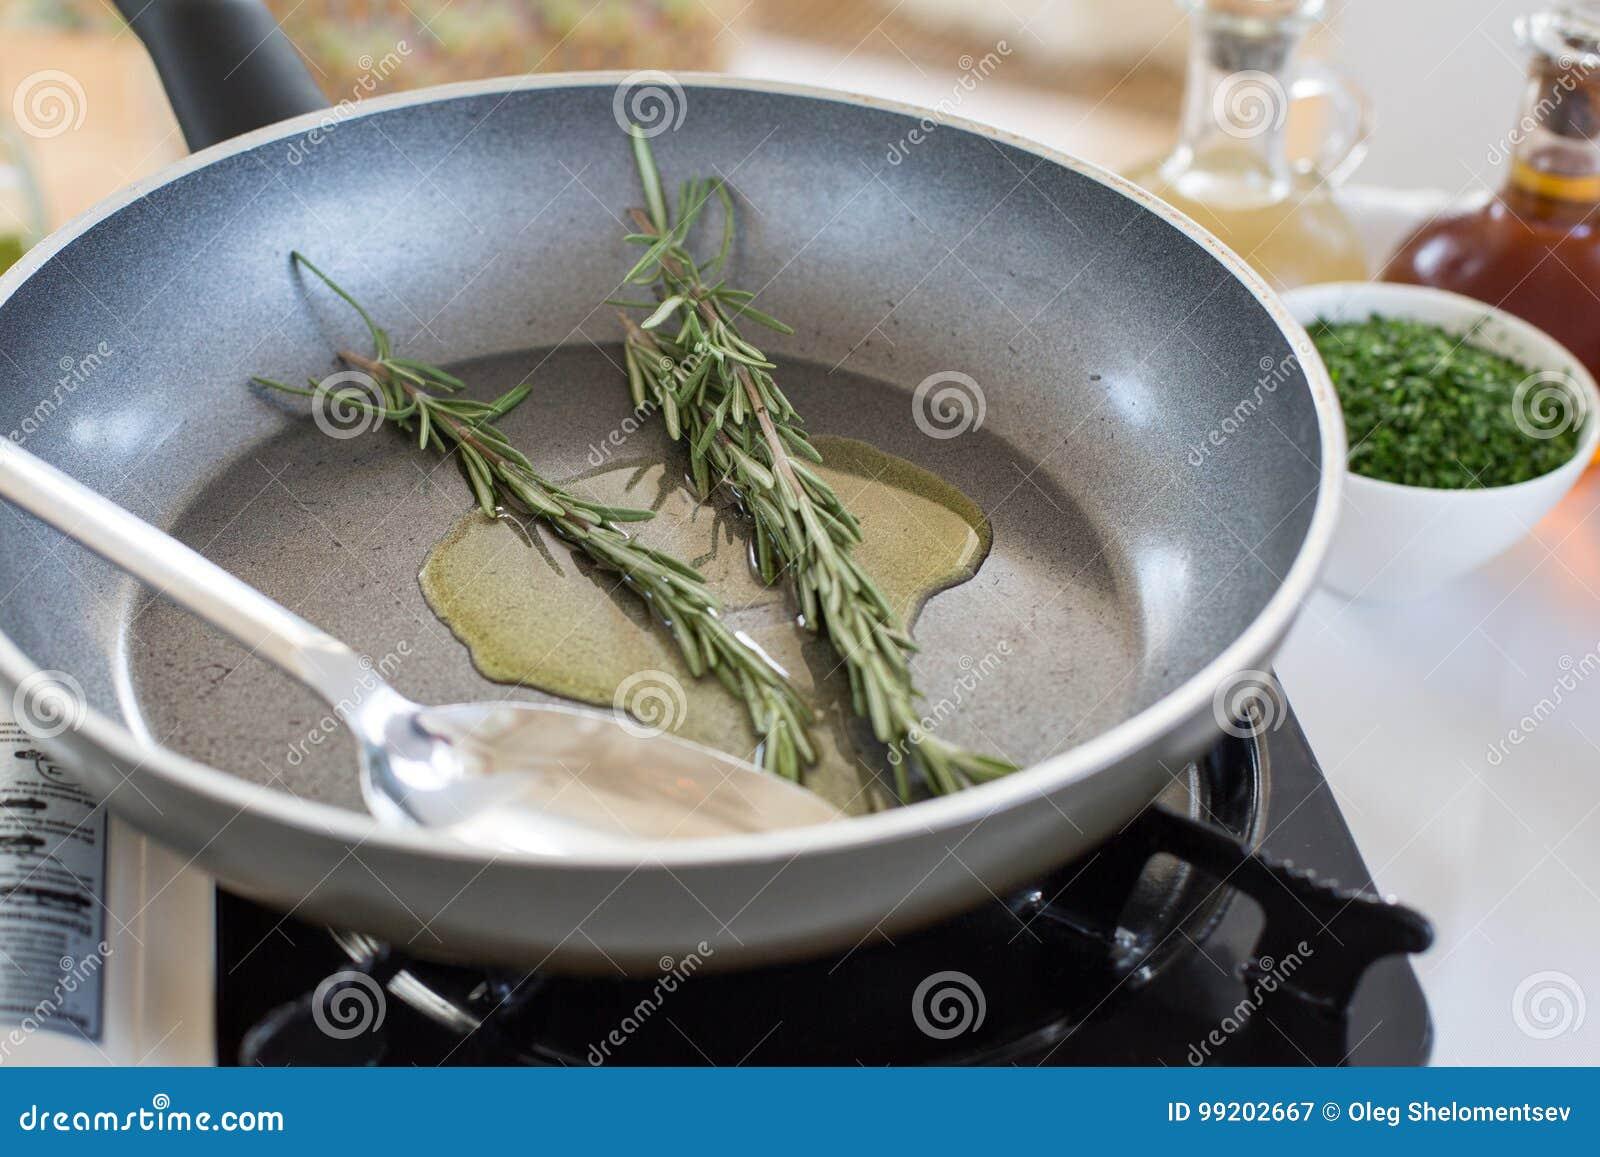 Tragbarer Gasherd Auf Dem Tisch Stockbild Bild Von Stahl Kochen